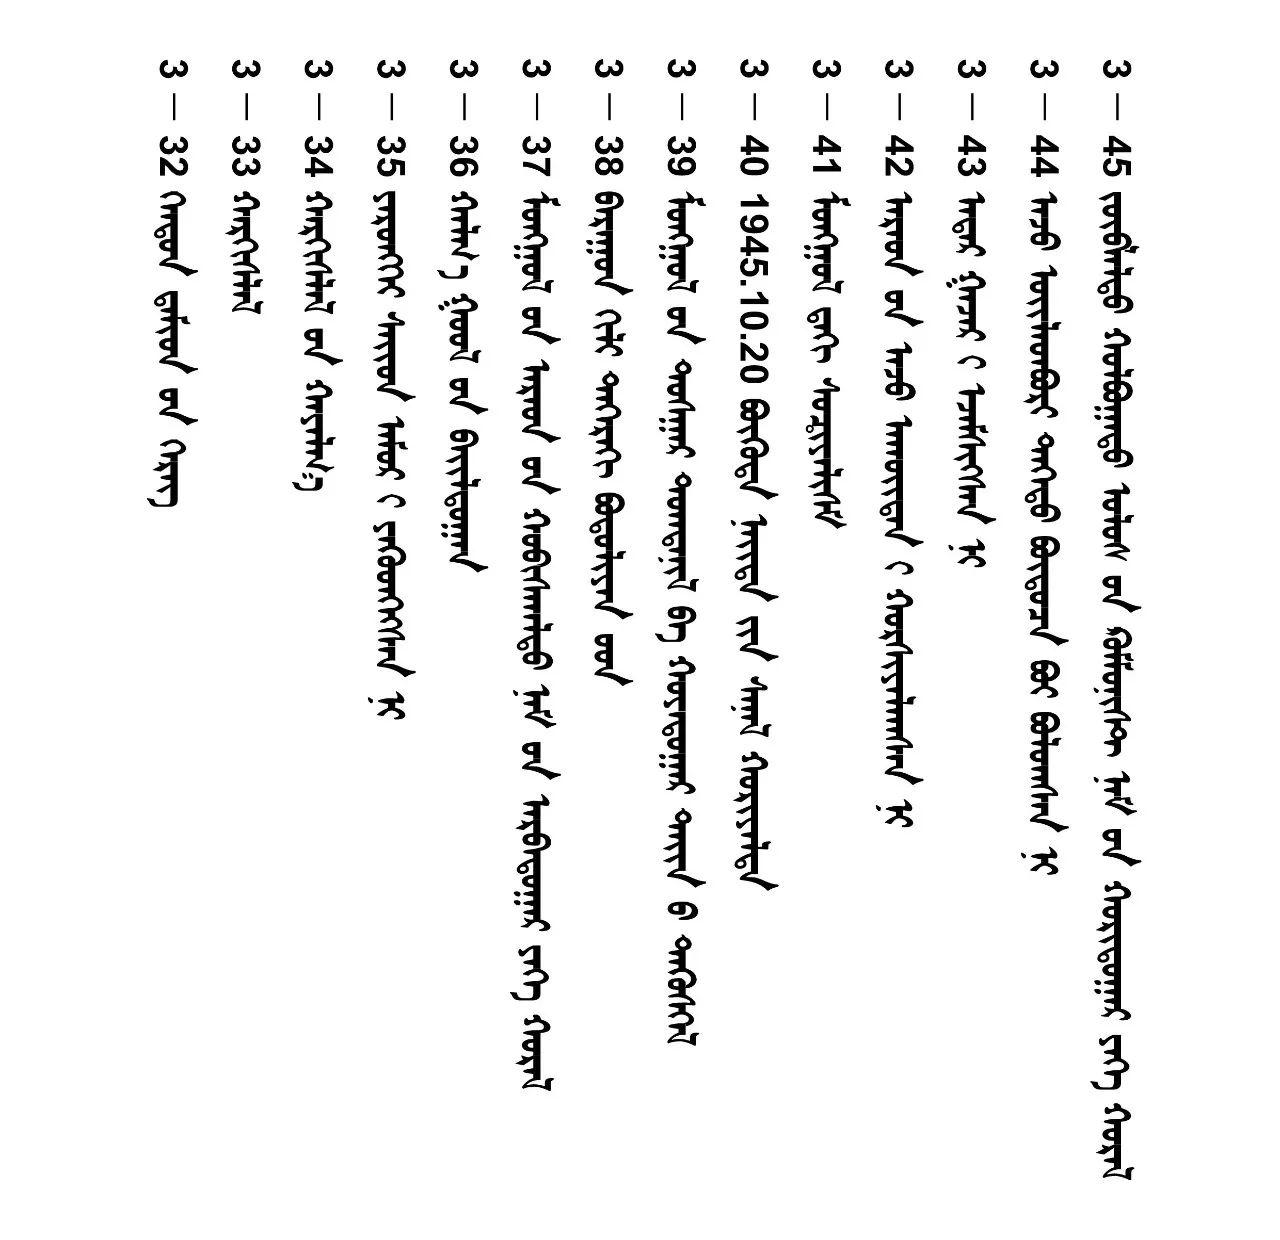 蒙古历史听书 1-0 前言 оршил 第7张 蒙古历史听书 1-0 前言 оршил 蒙古文化